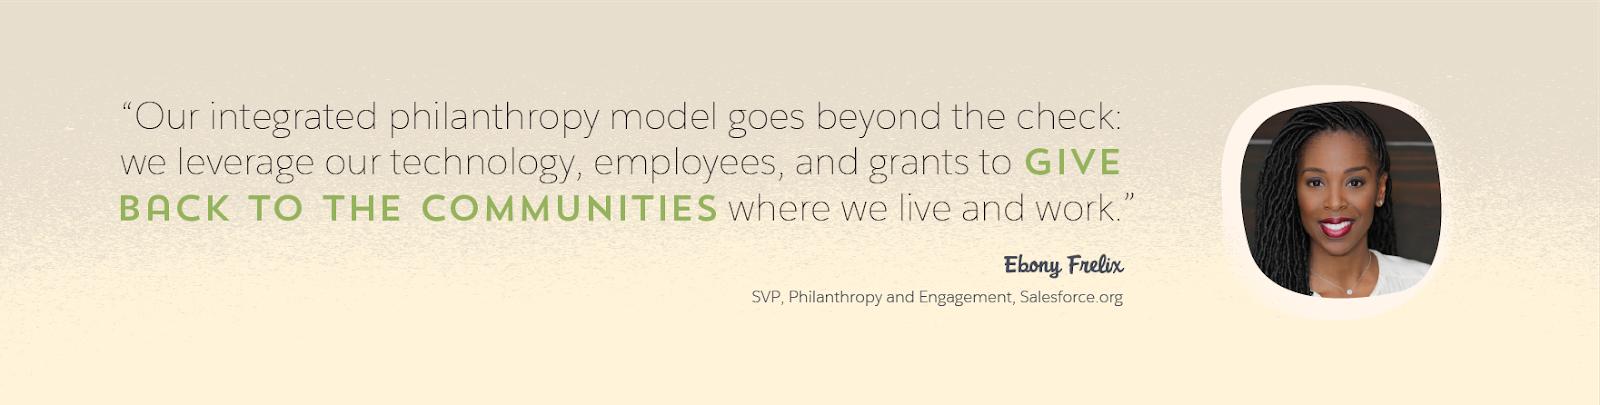 Salesforce.org の慈善およびエンゲージメント担当 SVP である Ebony Frelix と、「Salesforce の包括的な慈善事業モデルは小切手の数字で表せるものではありません。テクノロジ、従業員、助成金を活用することで、私たちが生活し、働くコミュニティへの社会貢献を果たします」という同氏の引用を示すグラフィック